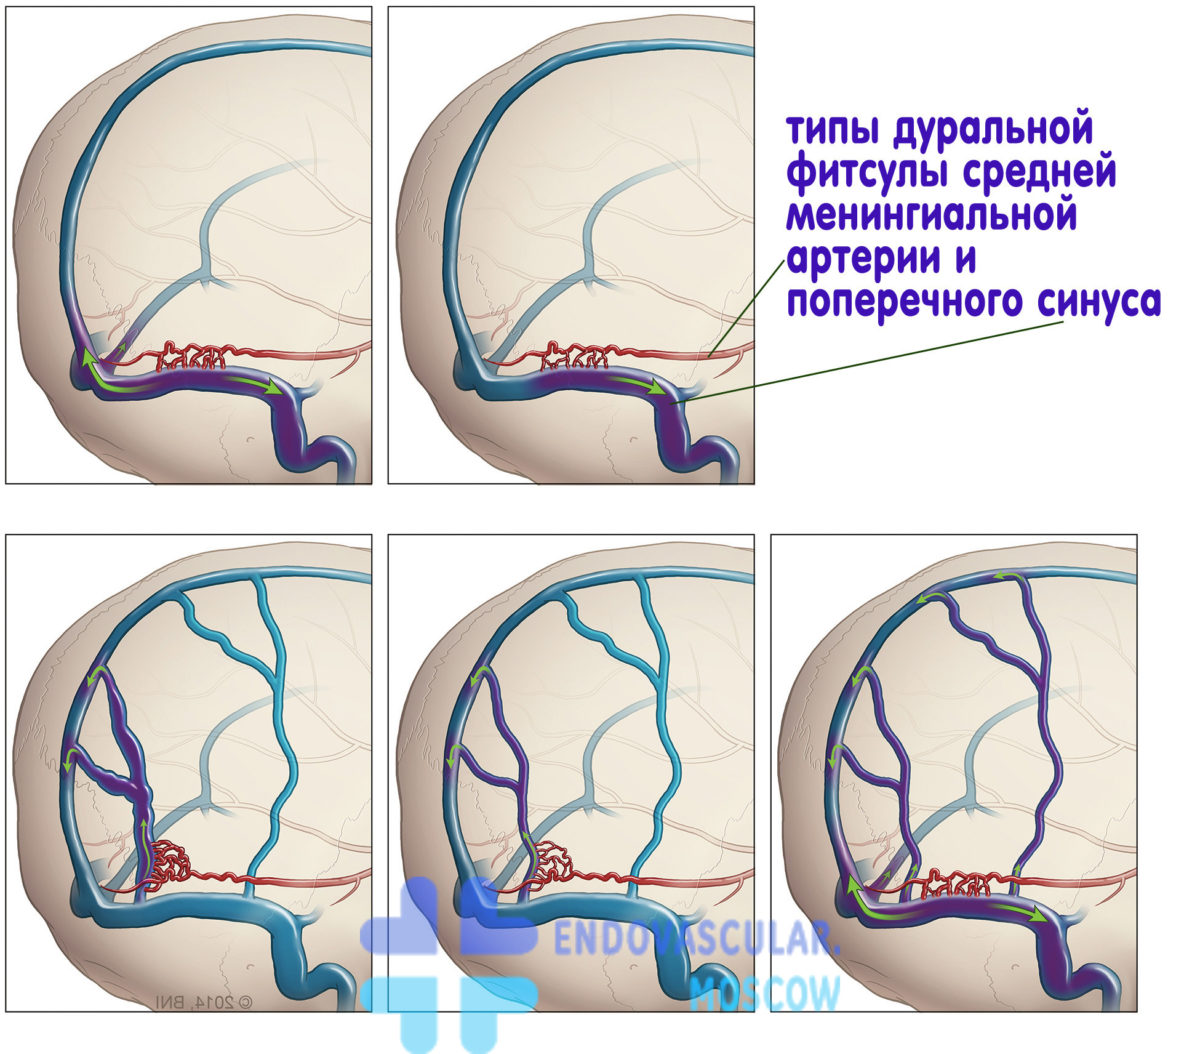 Артериовенозная фистула – симптомы, лечение, формы, стадии, диагностика